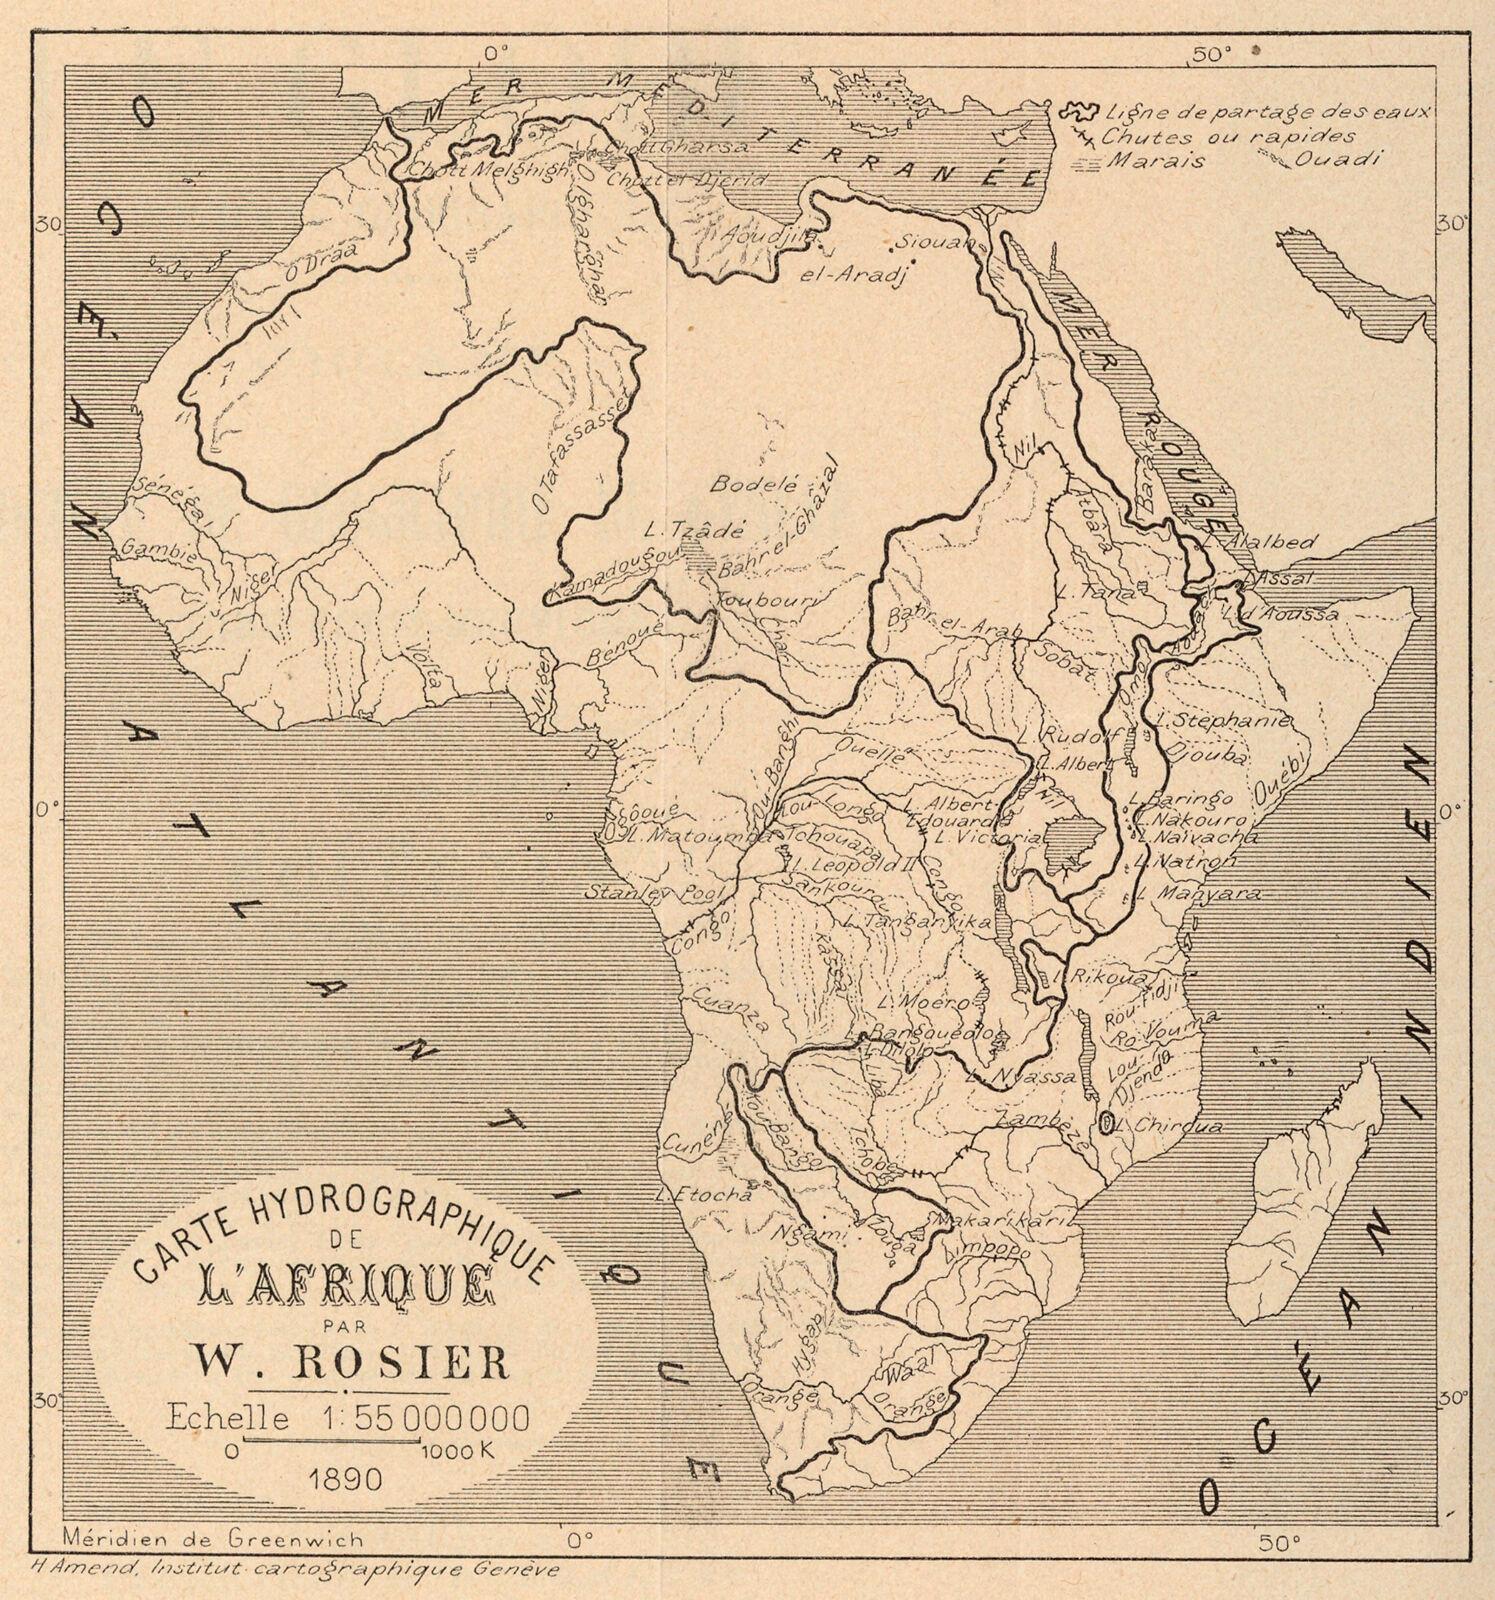 Carte De Lafrique Hydrographie.Carte Hydrographique De L Afrique Digital Collections At